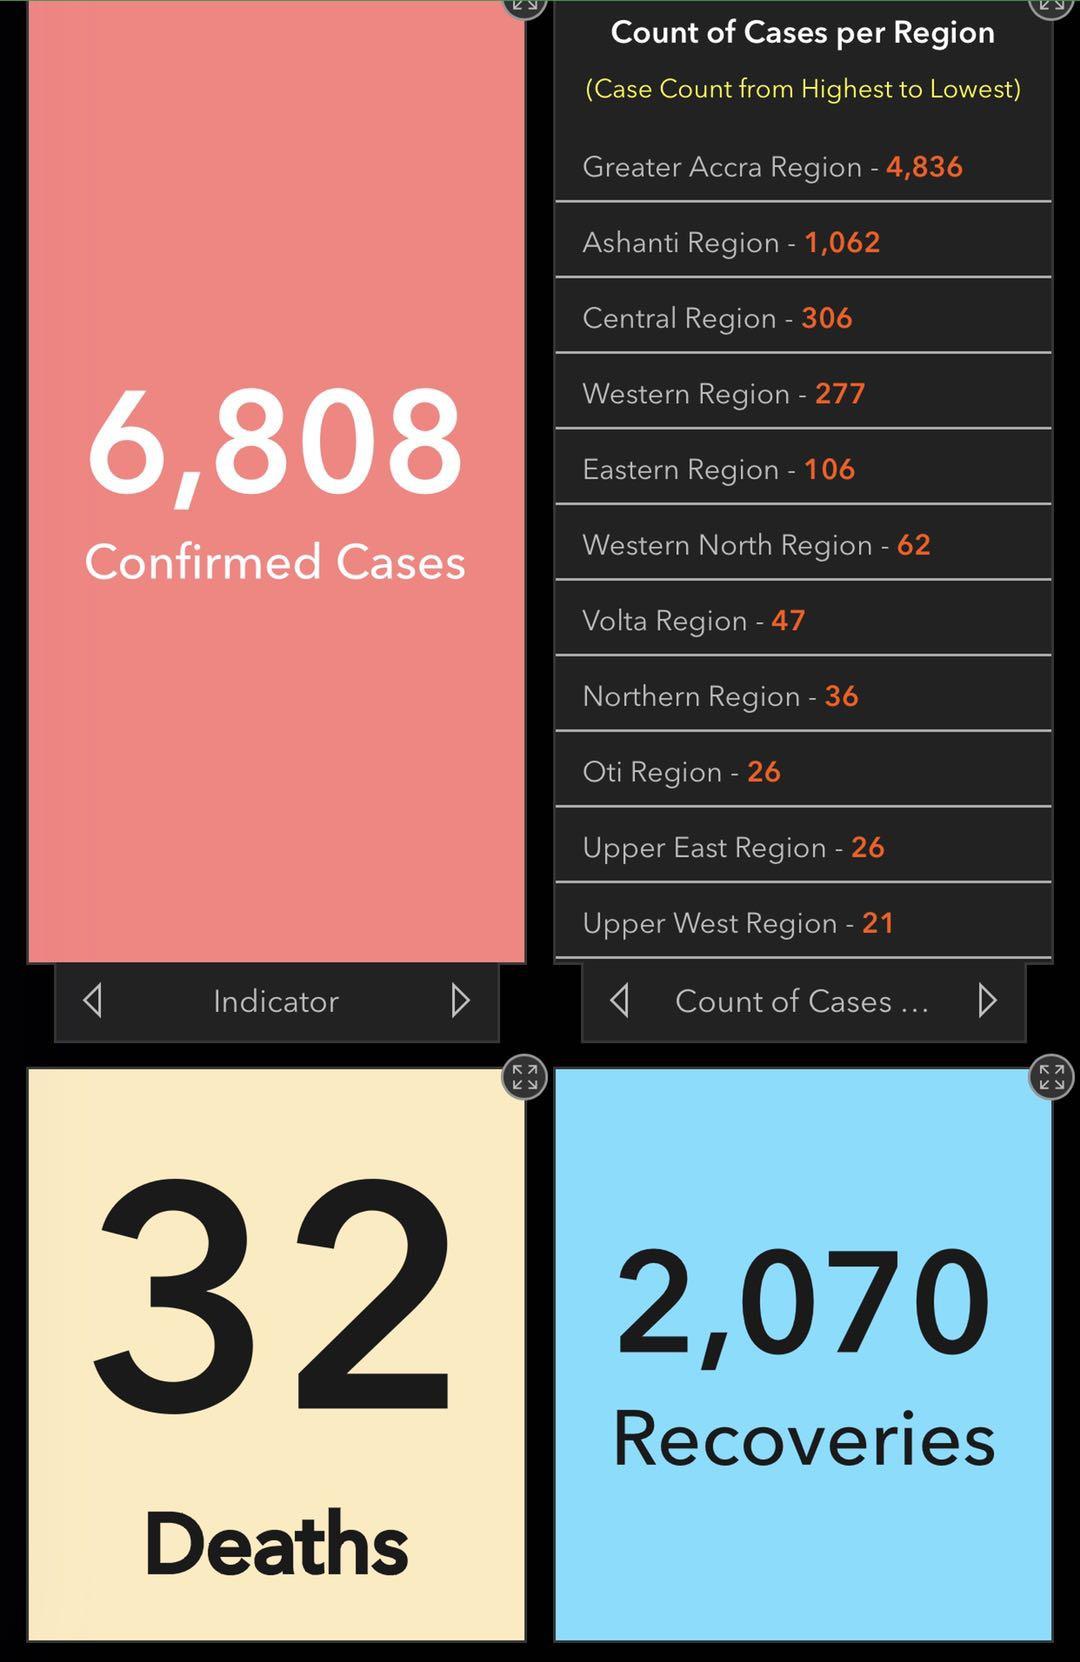 加纳新增125例新冠肺炎确诊病例 累计确诊病例6808例